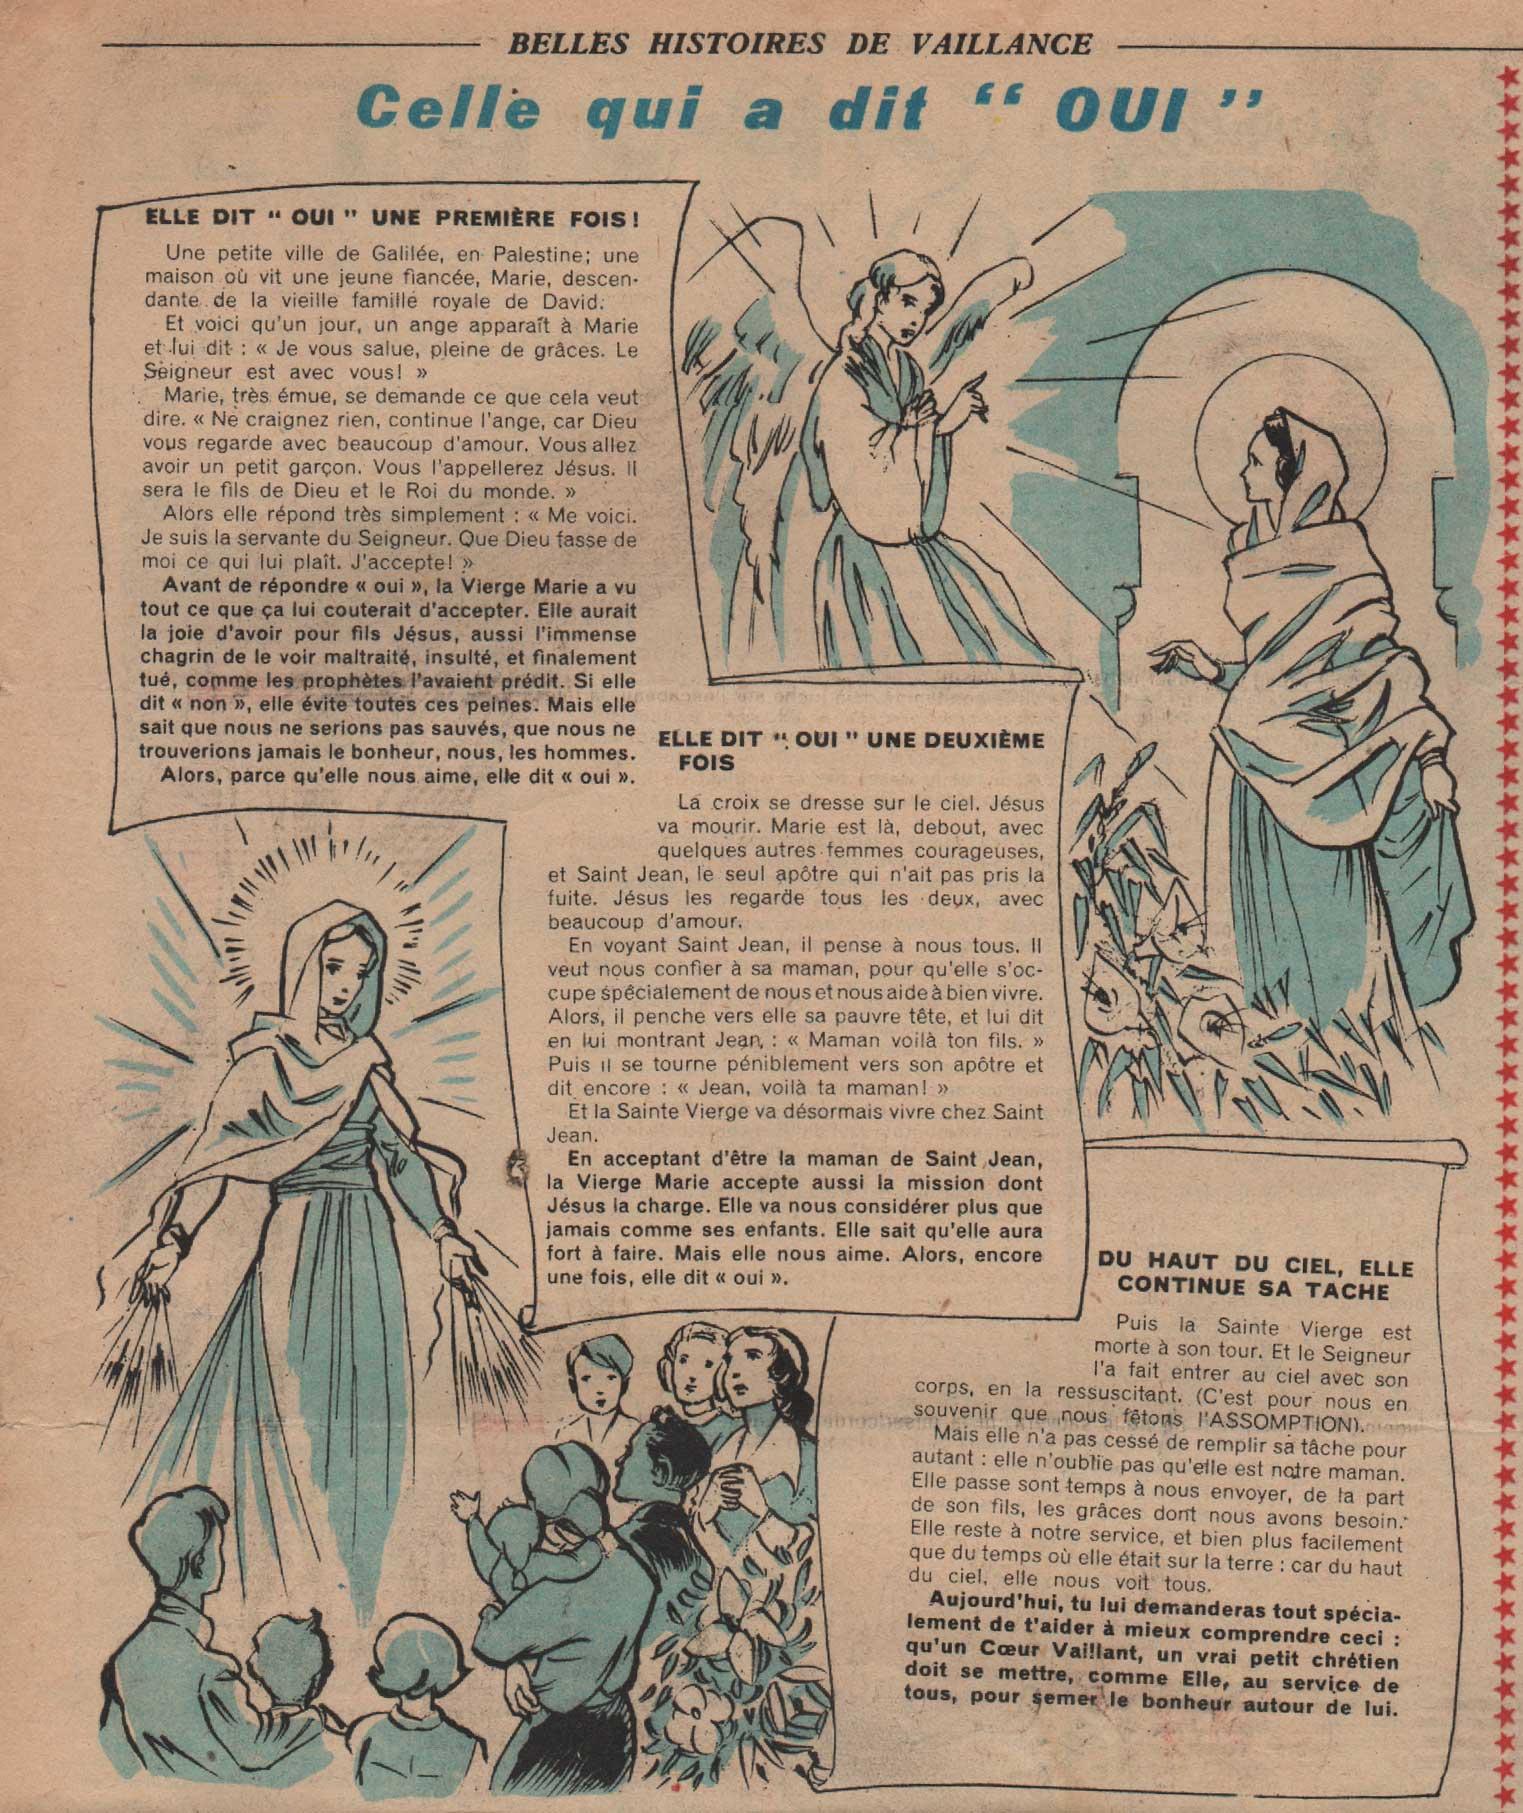 """« Celle qui a dit """"oui"""" » Coeurs vaillants » n° 33 (14/08/1949)."""